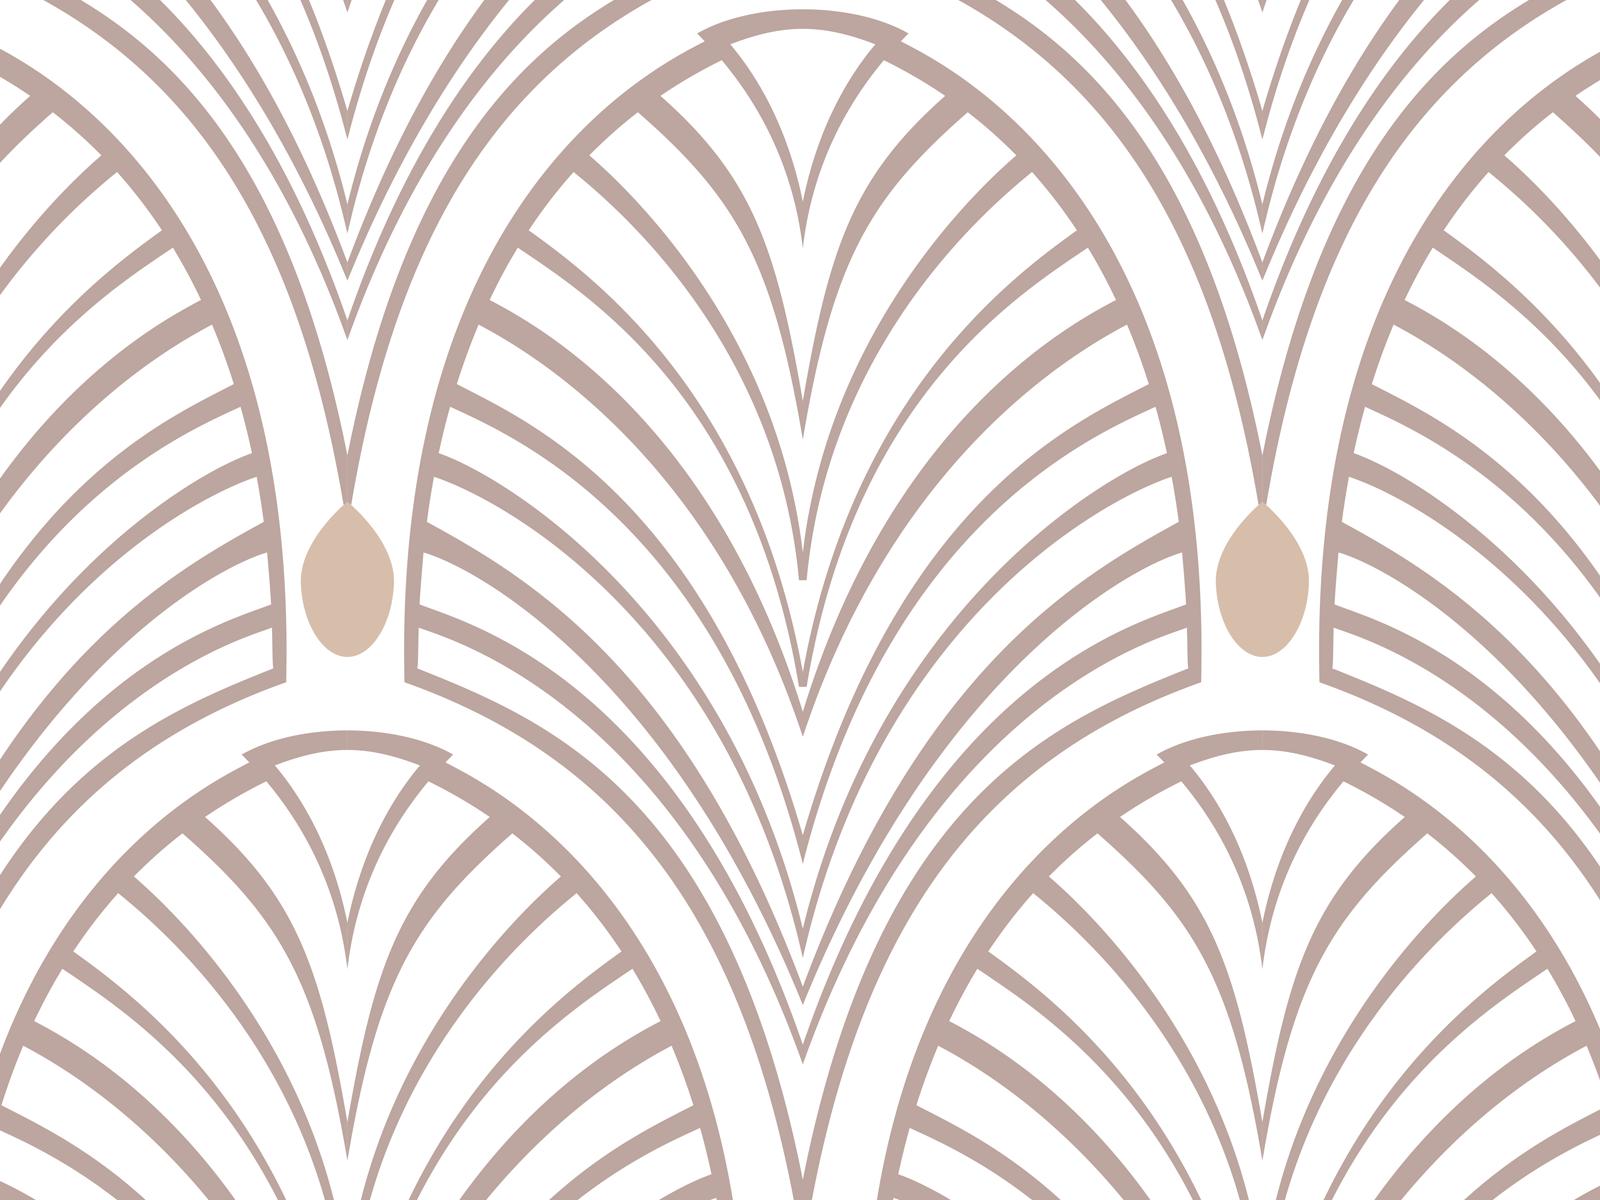 papier peint adh sif art d co mod le gatsby beige. Black Bedroom Furniture Sets. Home Design Ideas